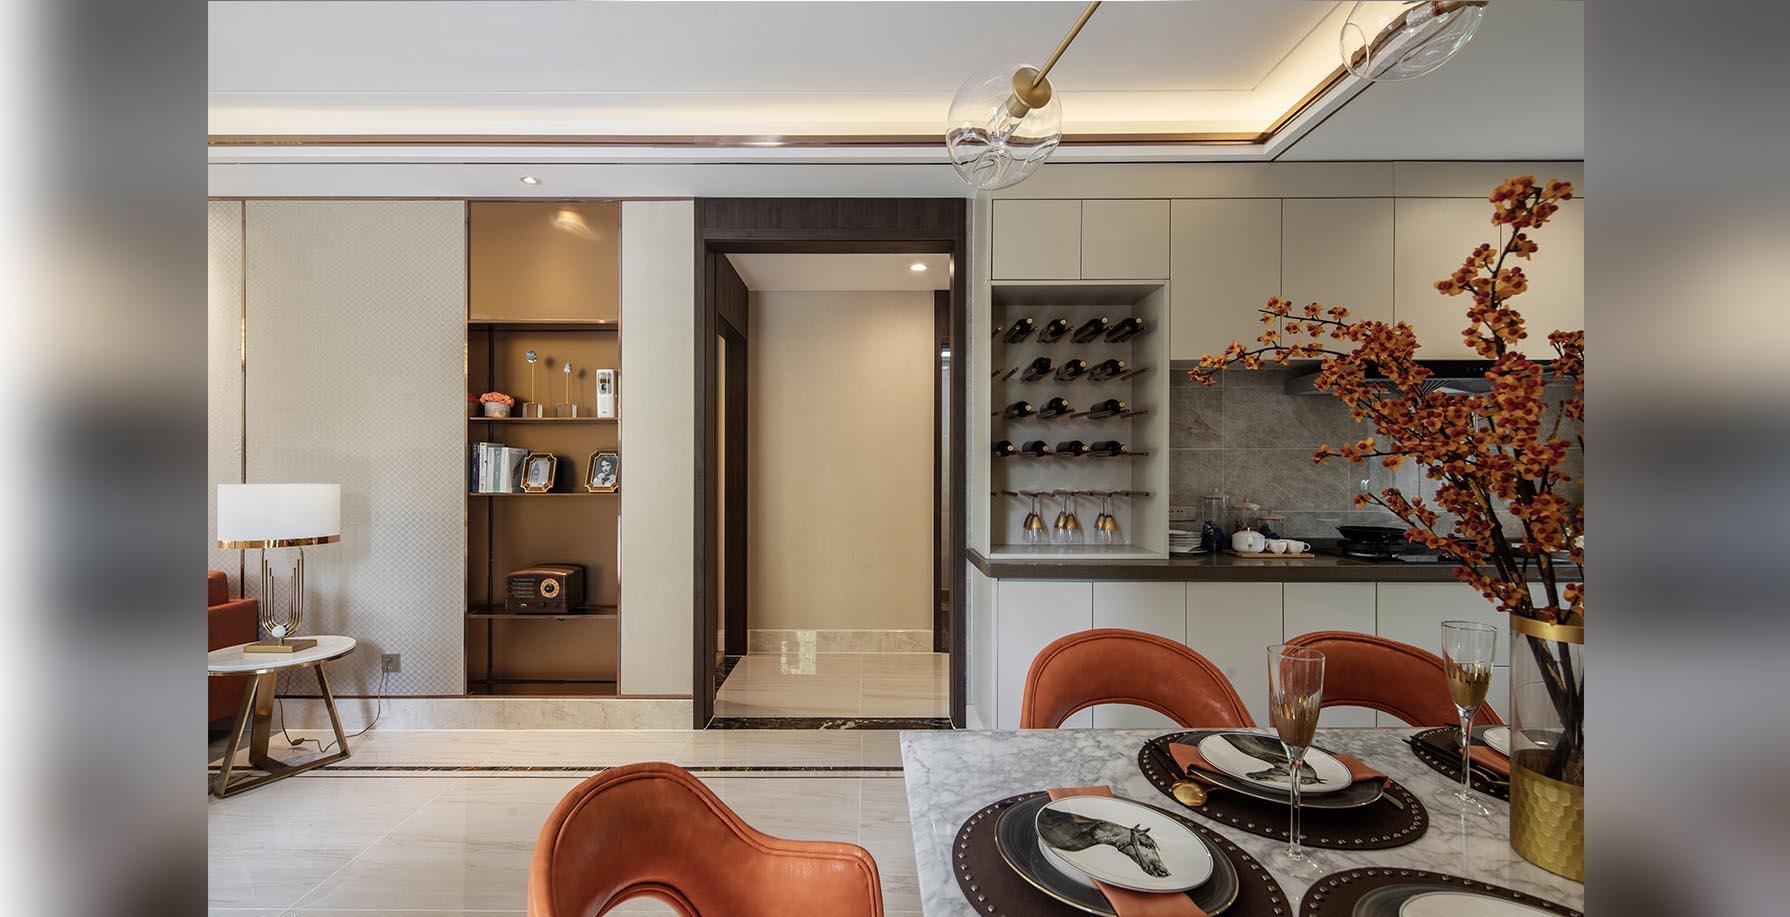 这些五星级酒店家具的设计要点,你都知道吗?